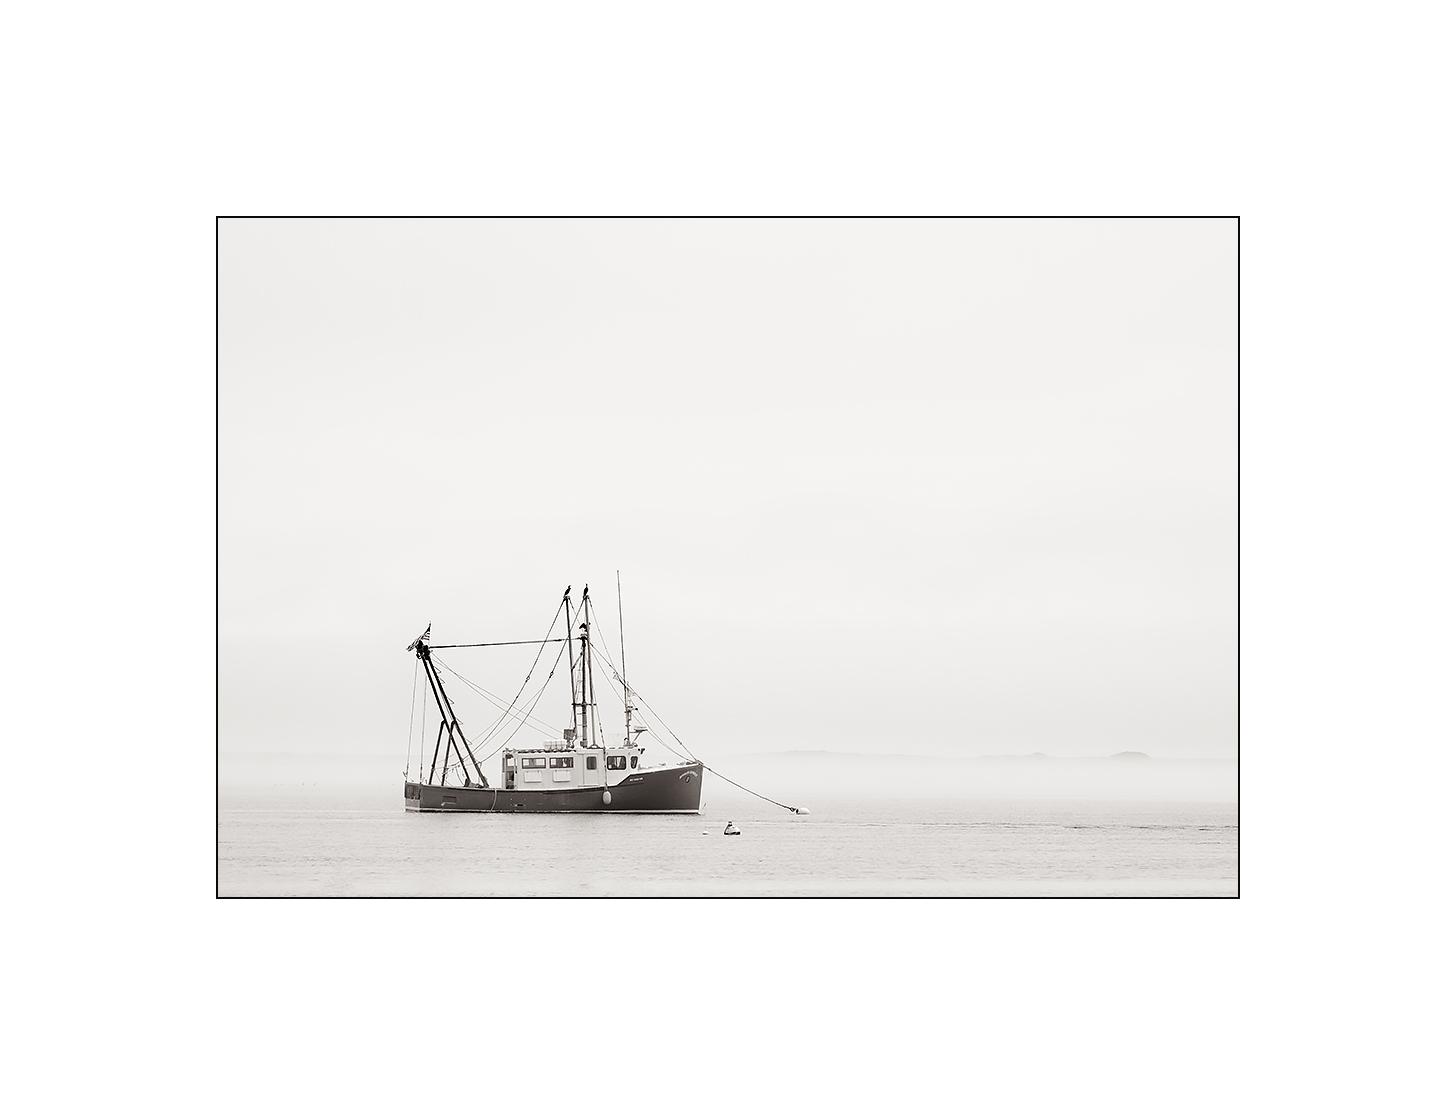 Cape Cod #3